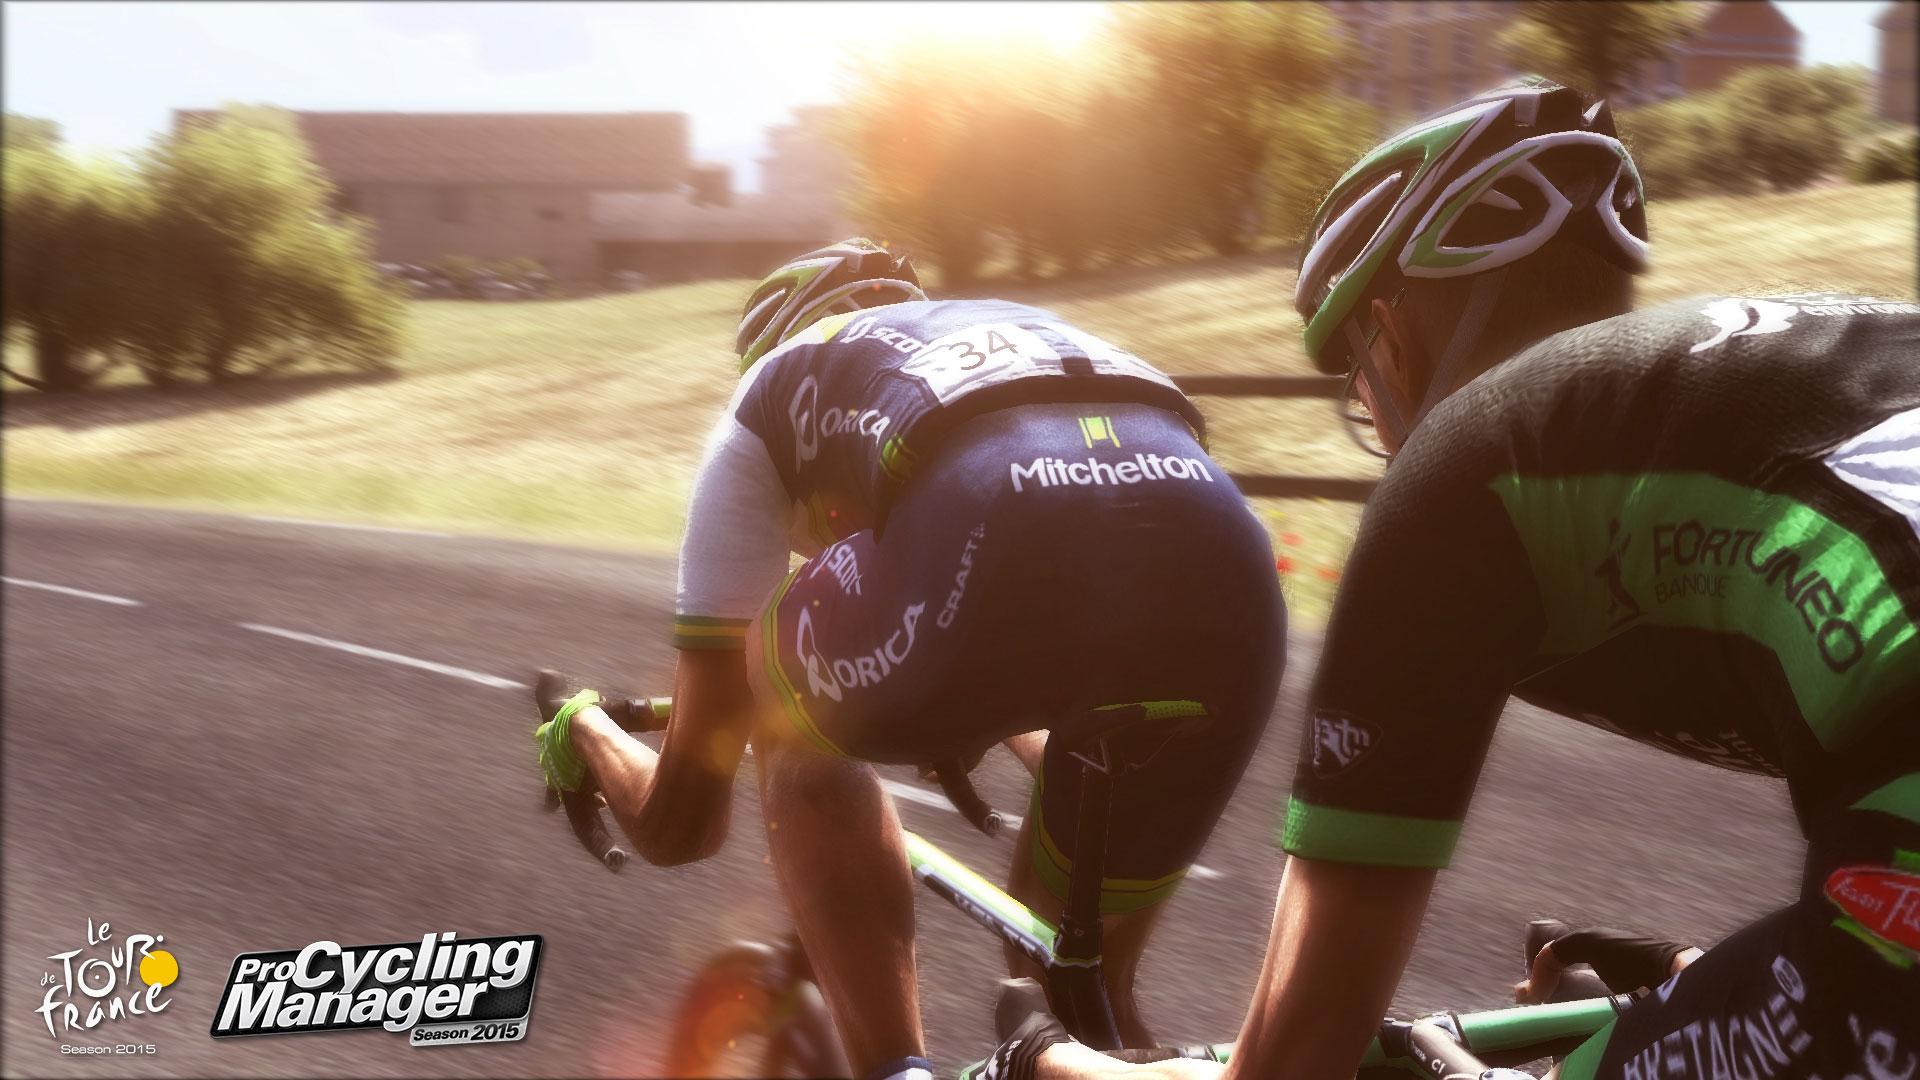 Tour_de_France-PCM2015-01